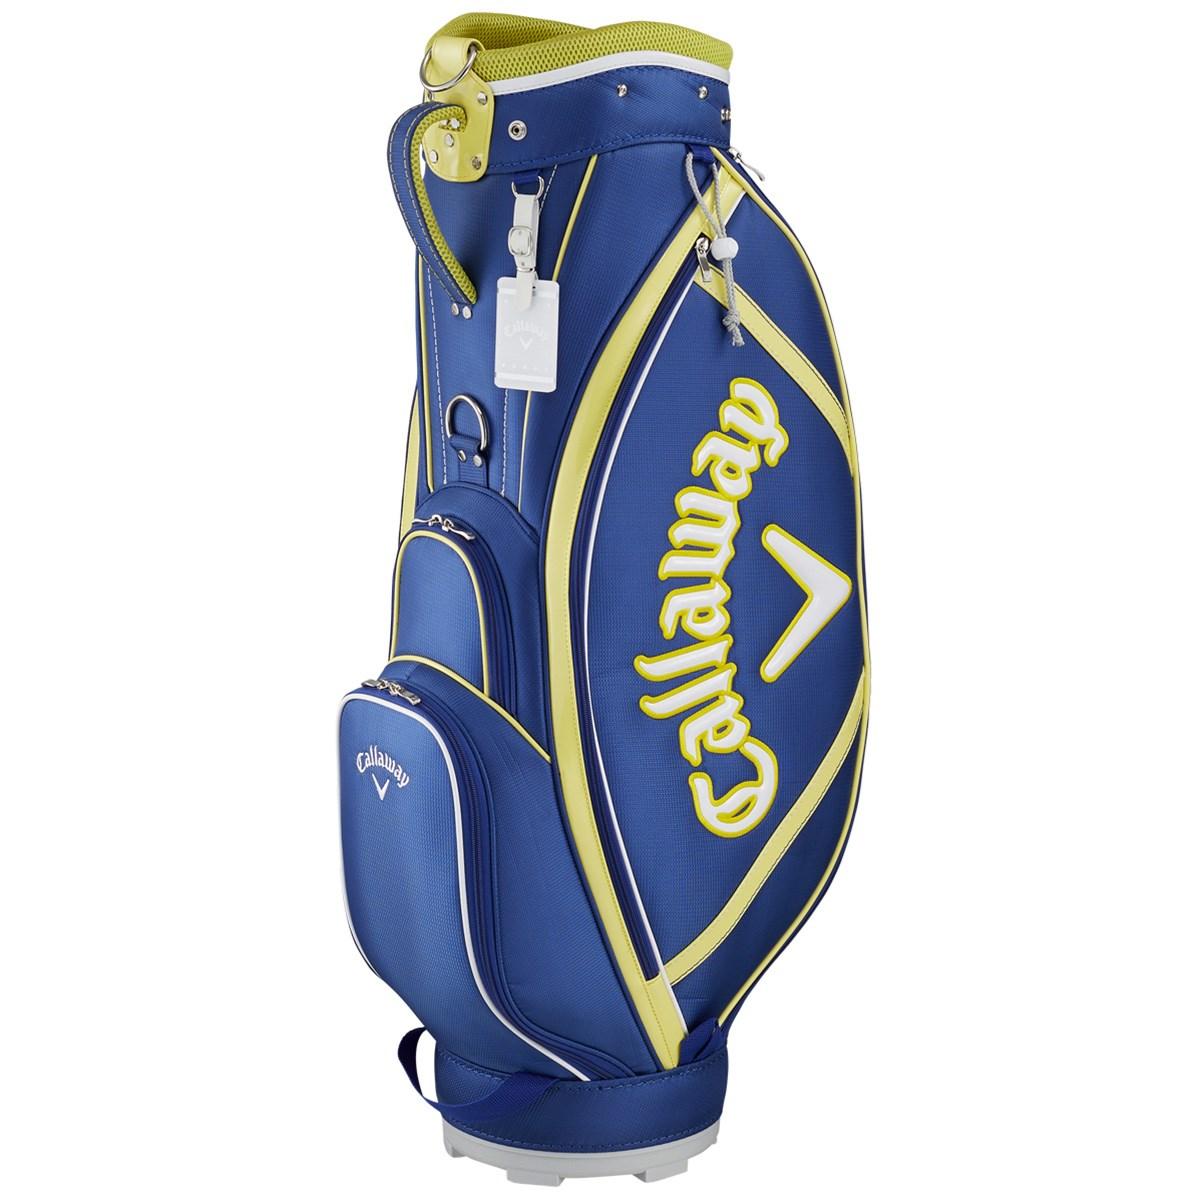 キャロウェイゴルフ(Callaway Golf) CRT SPORT キャディバッグ 18JMレディス